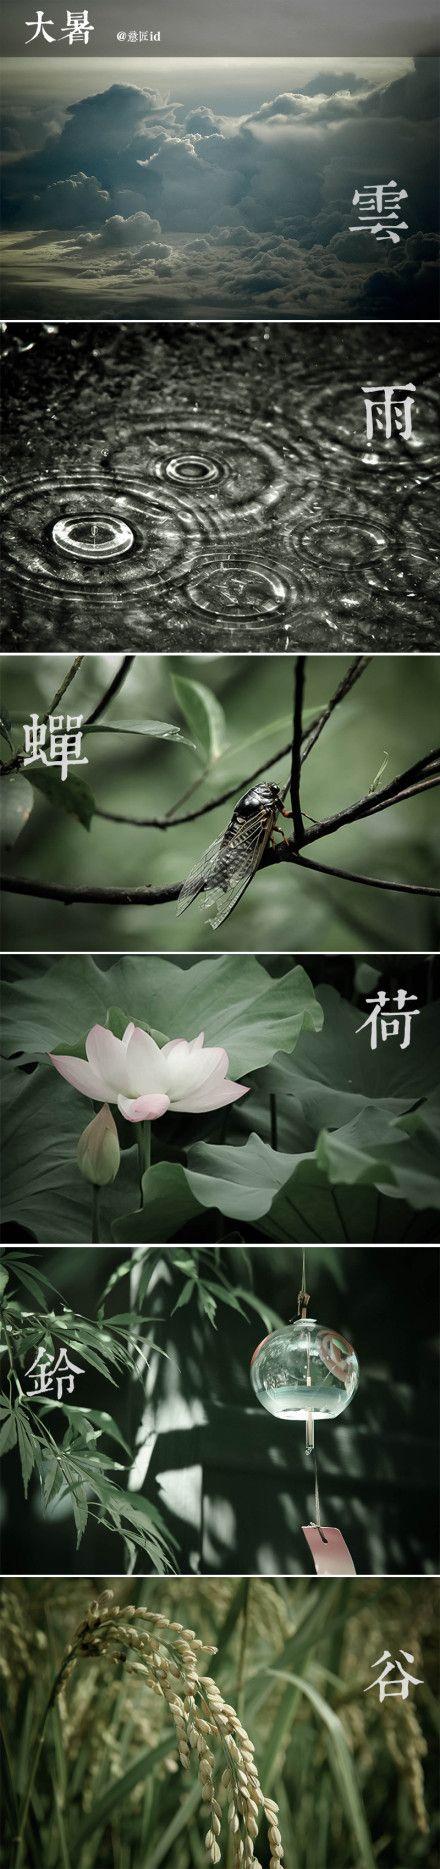 Chinese season - Da Shu (hot summer) 大暑